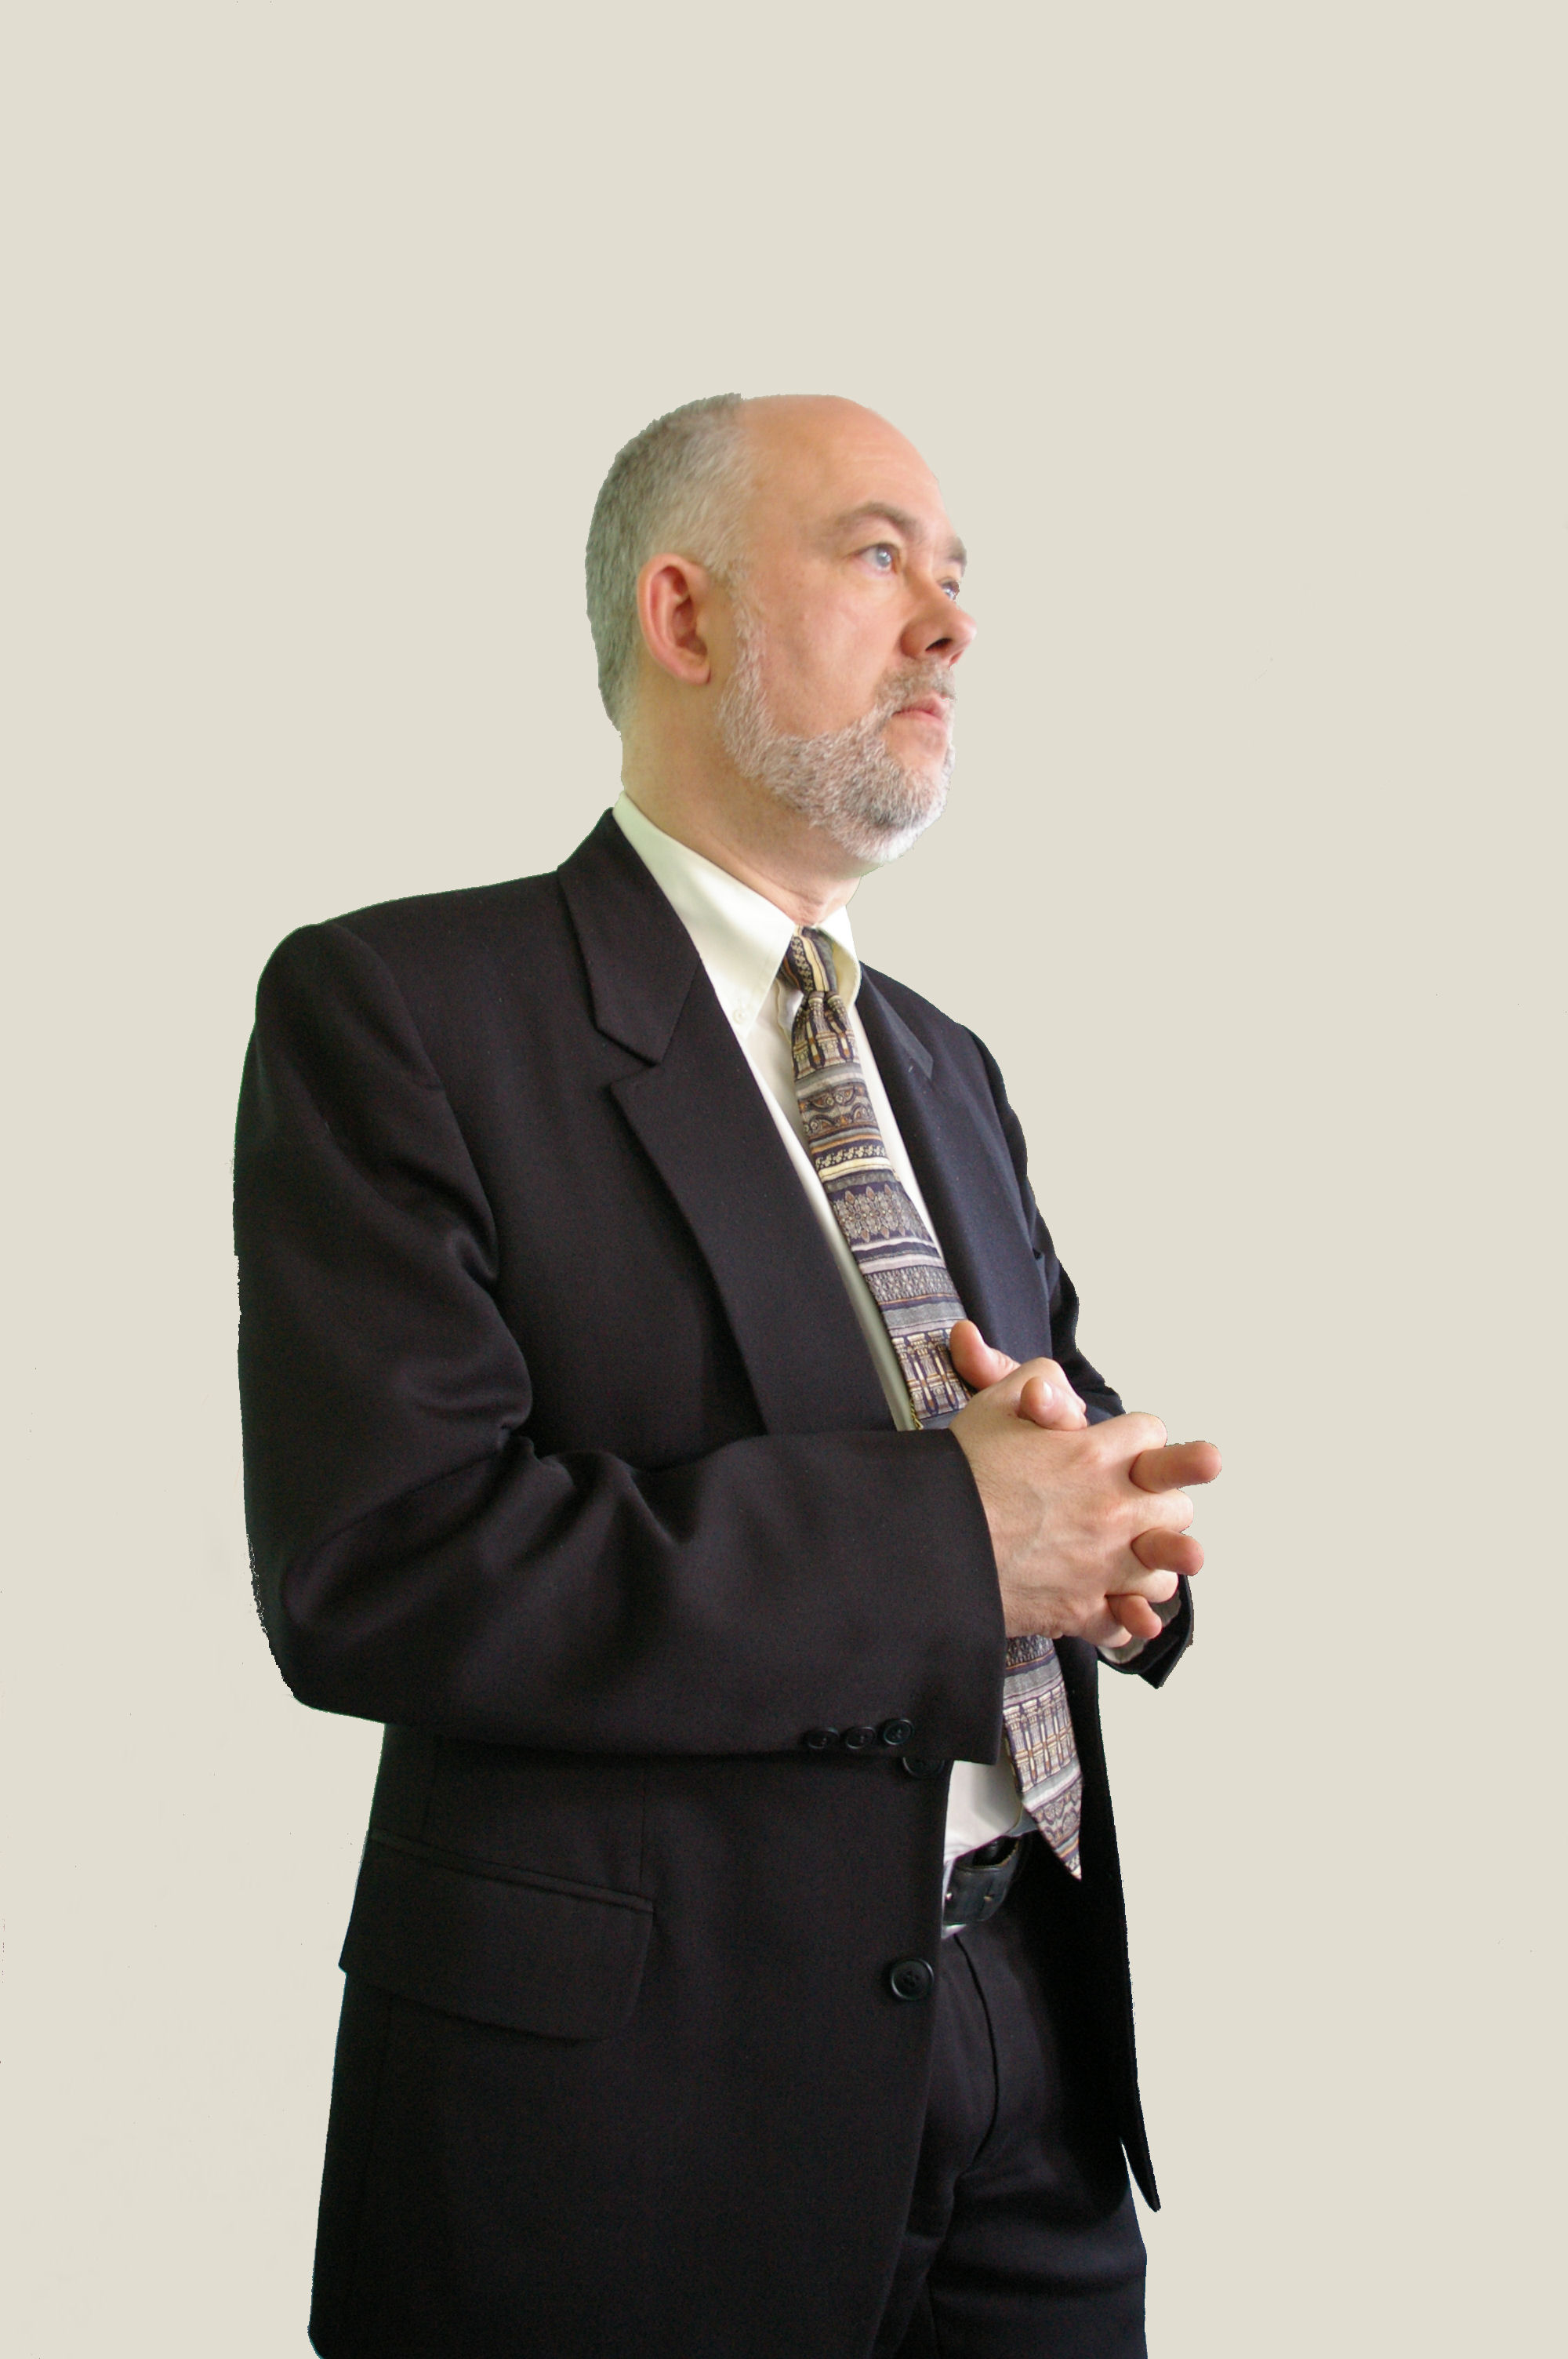 Dan Laskowski